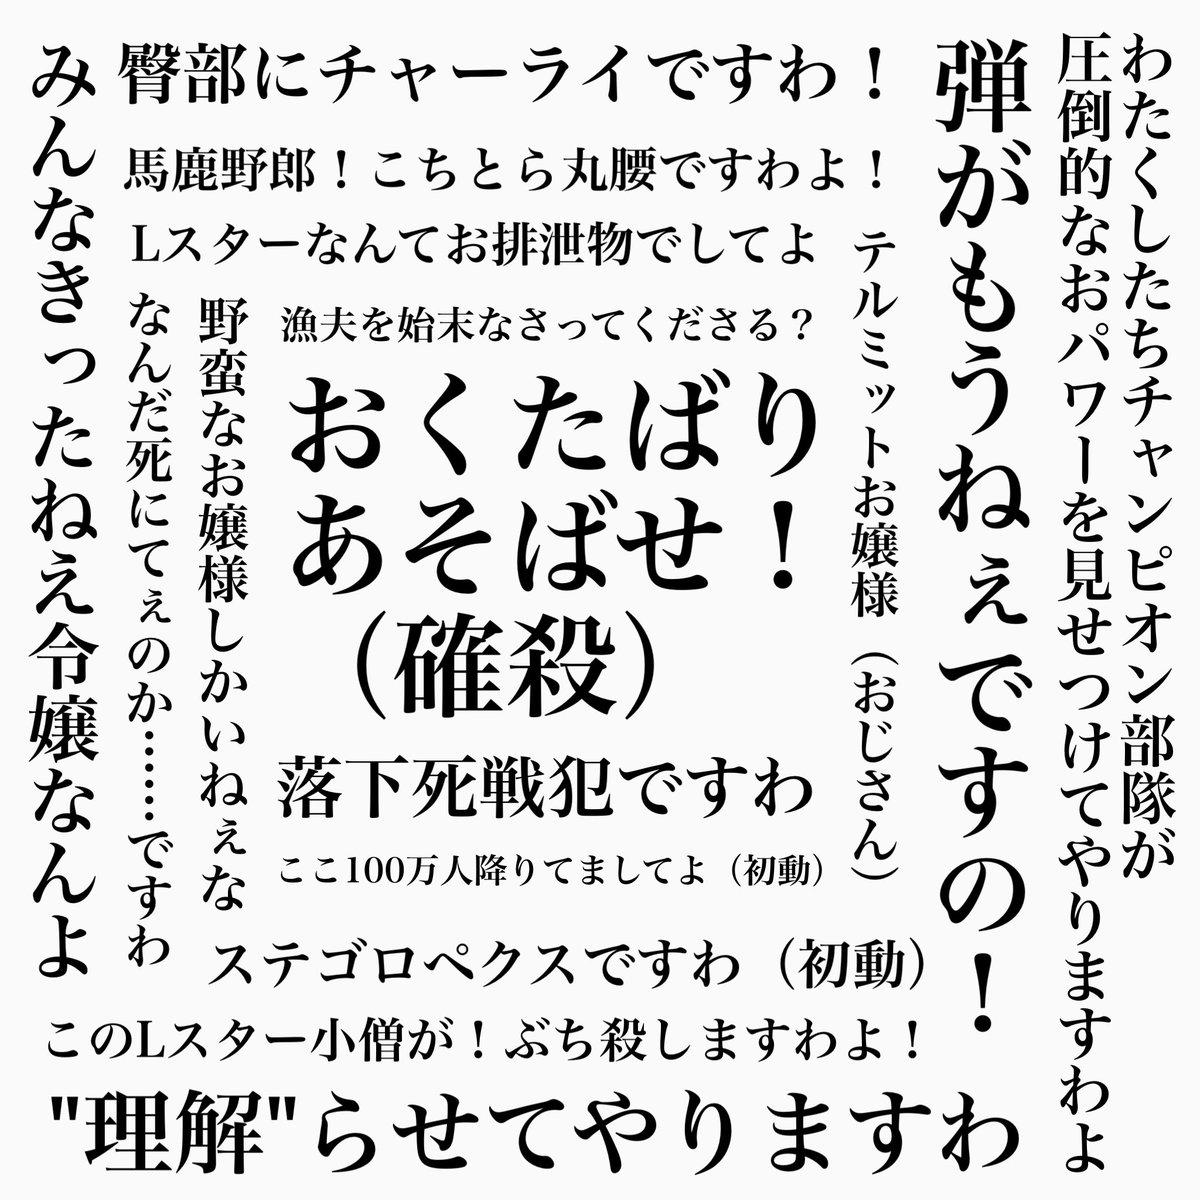 晴麻【11/7工アブー参加】さんの投稿画像